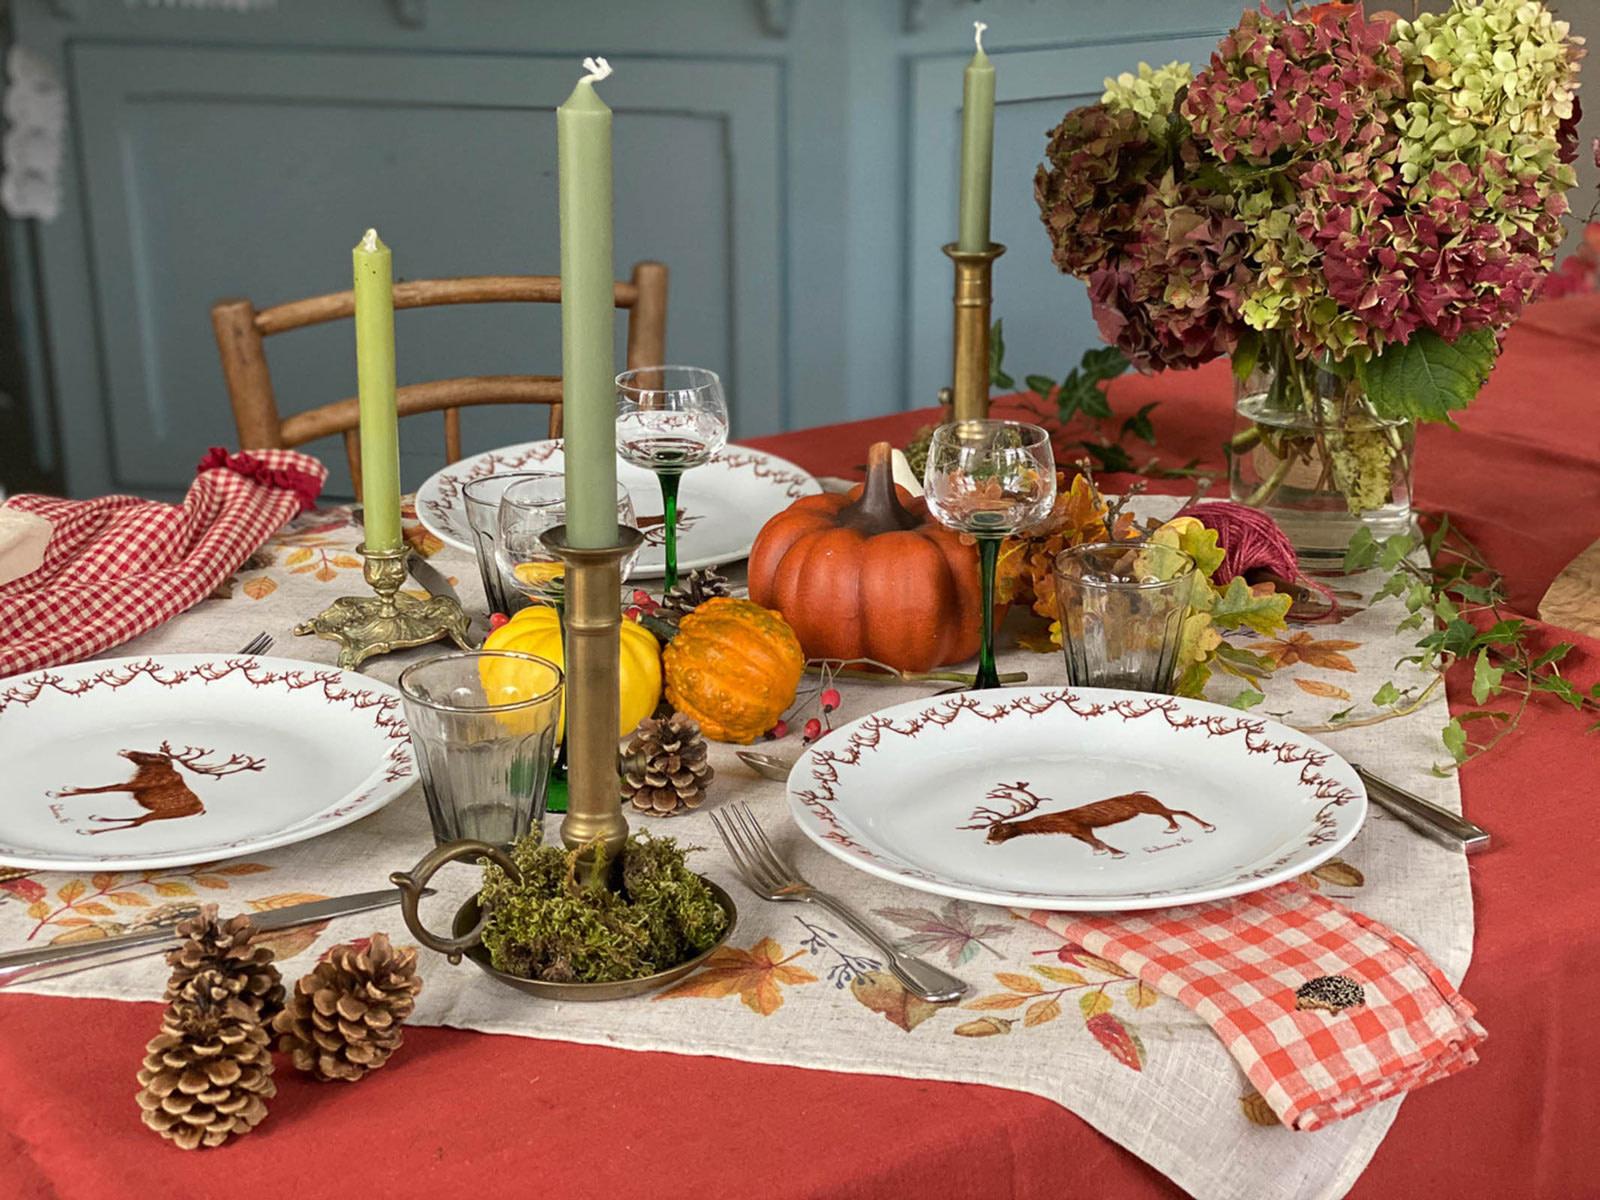 comment-dresser-table-automne-rustique-1600